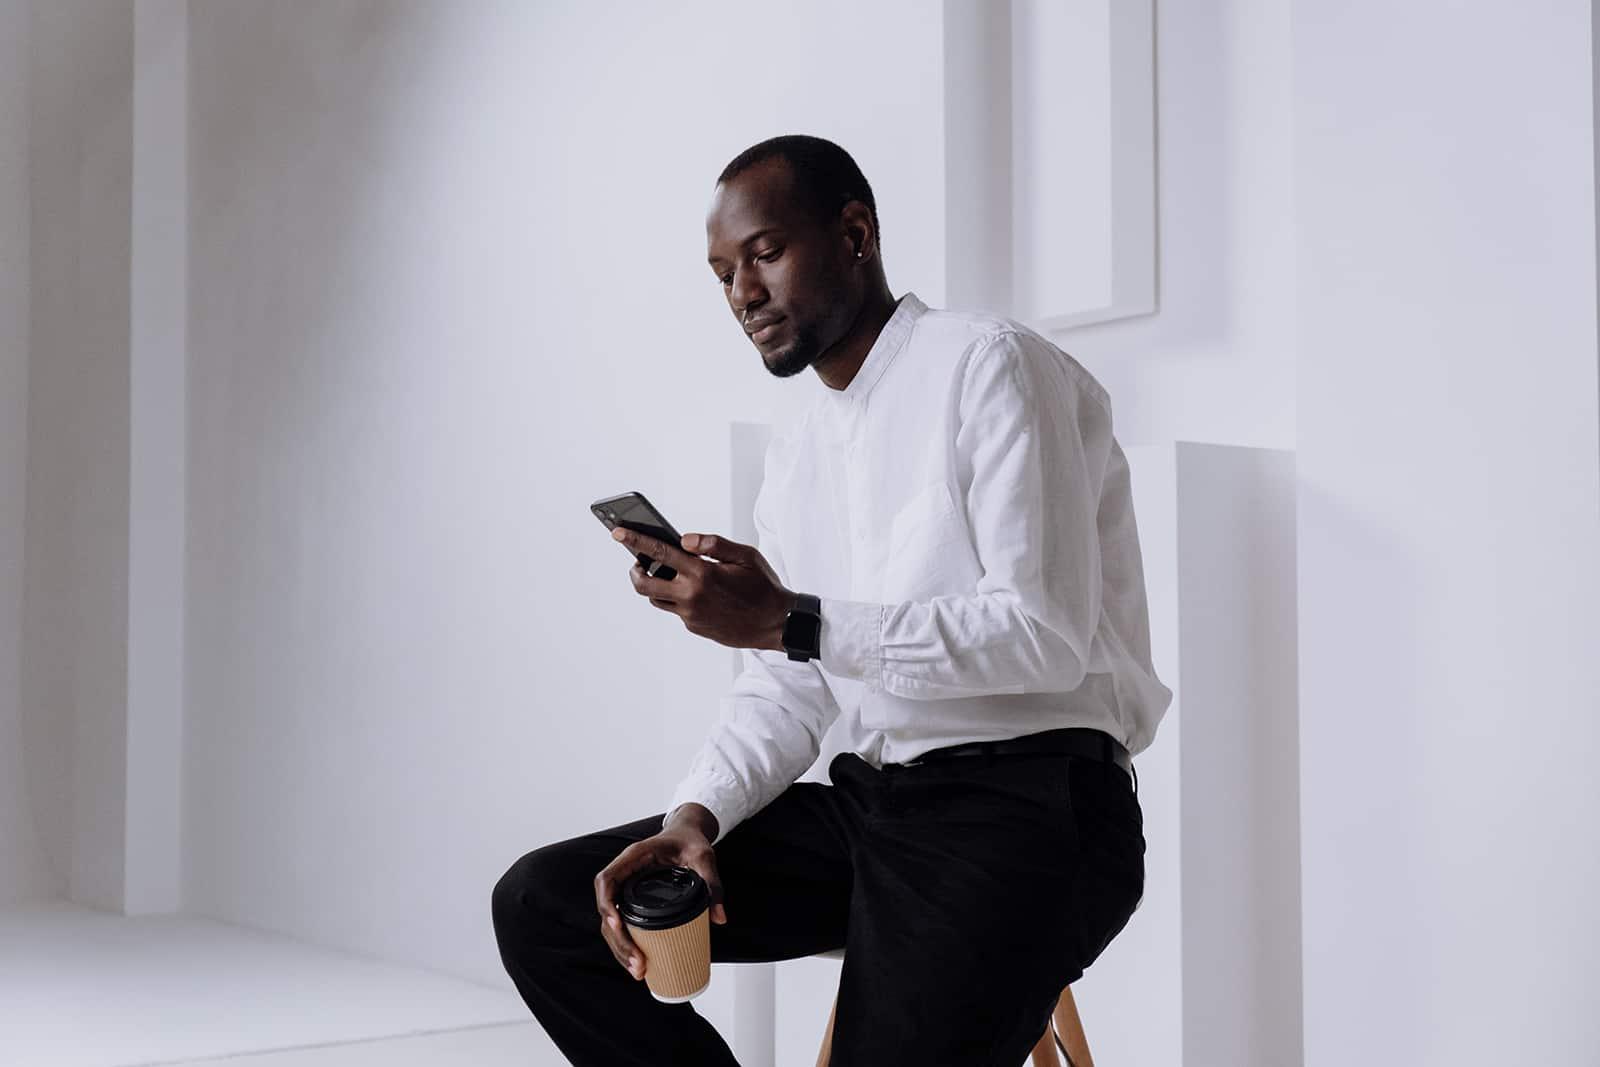 Ein selbstbewusster Mann, der auf seinem Smartphone tippt, während er auf dem Stuhl sitzt